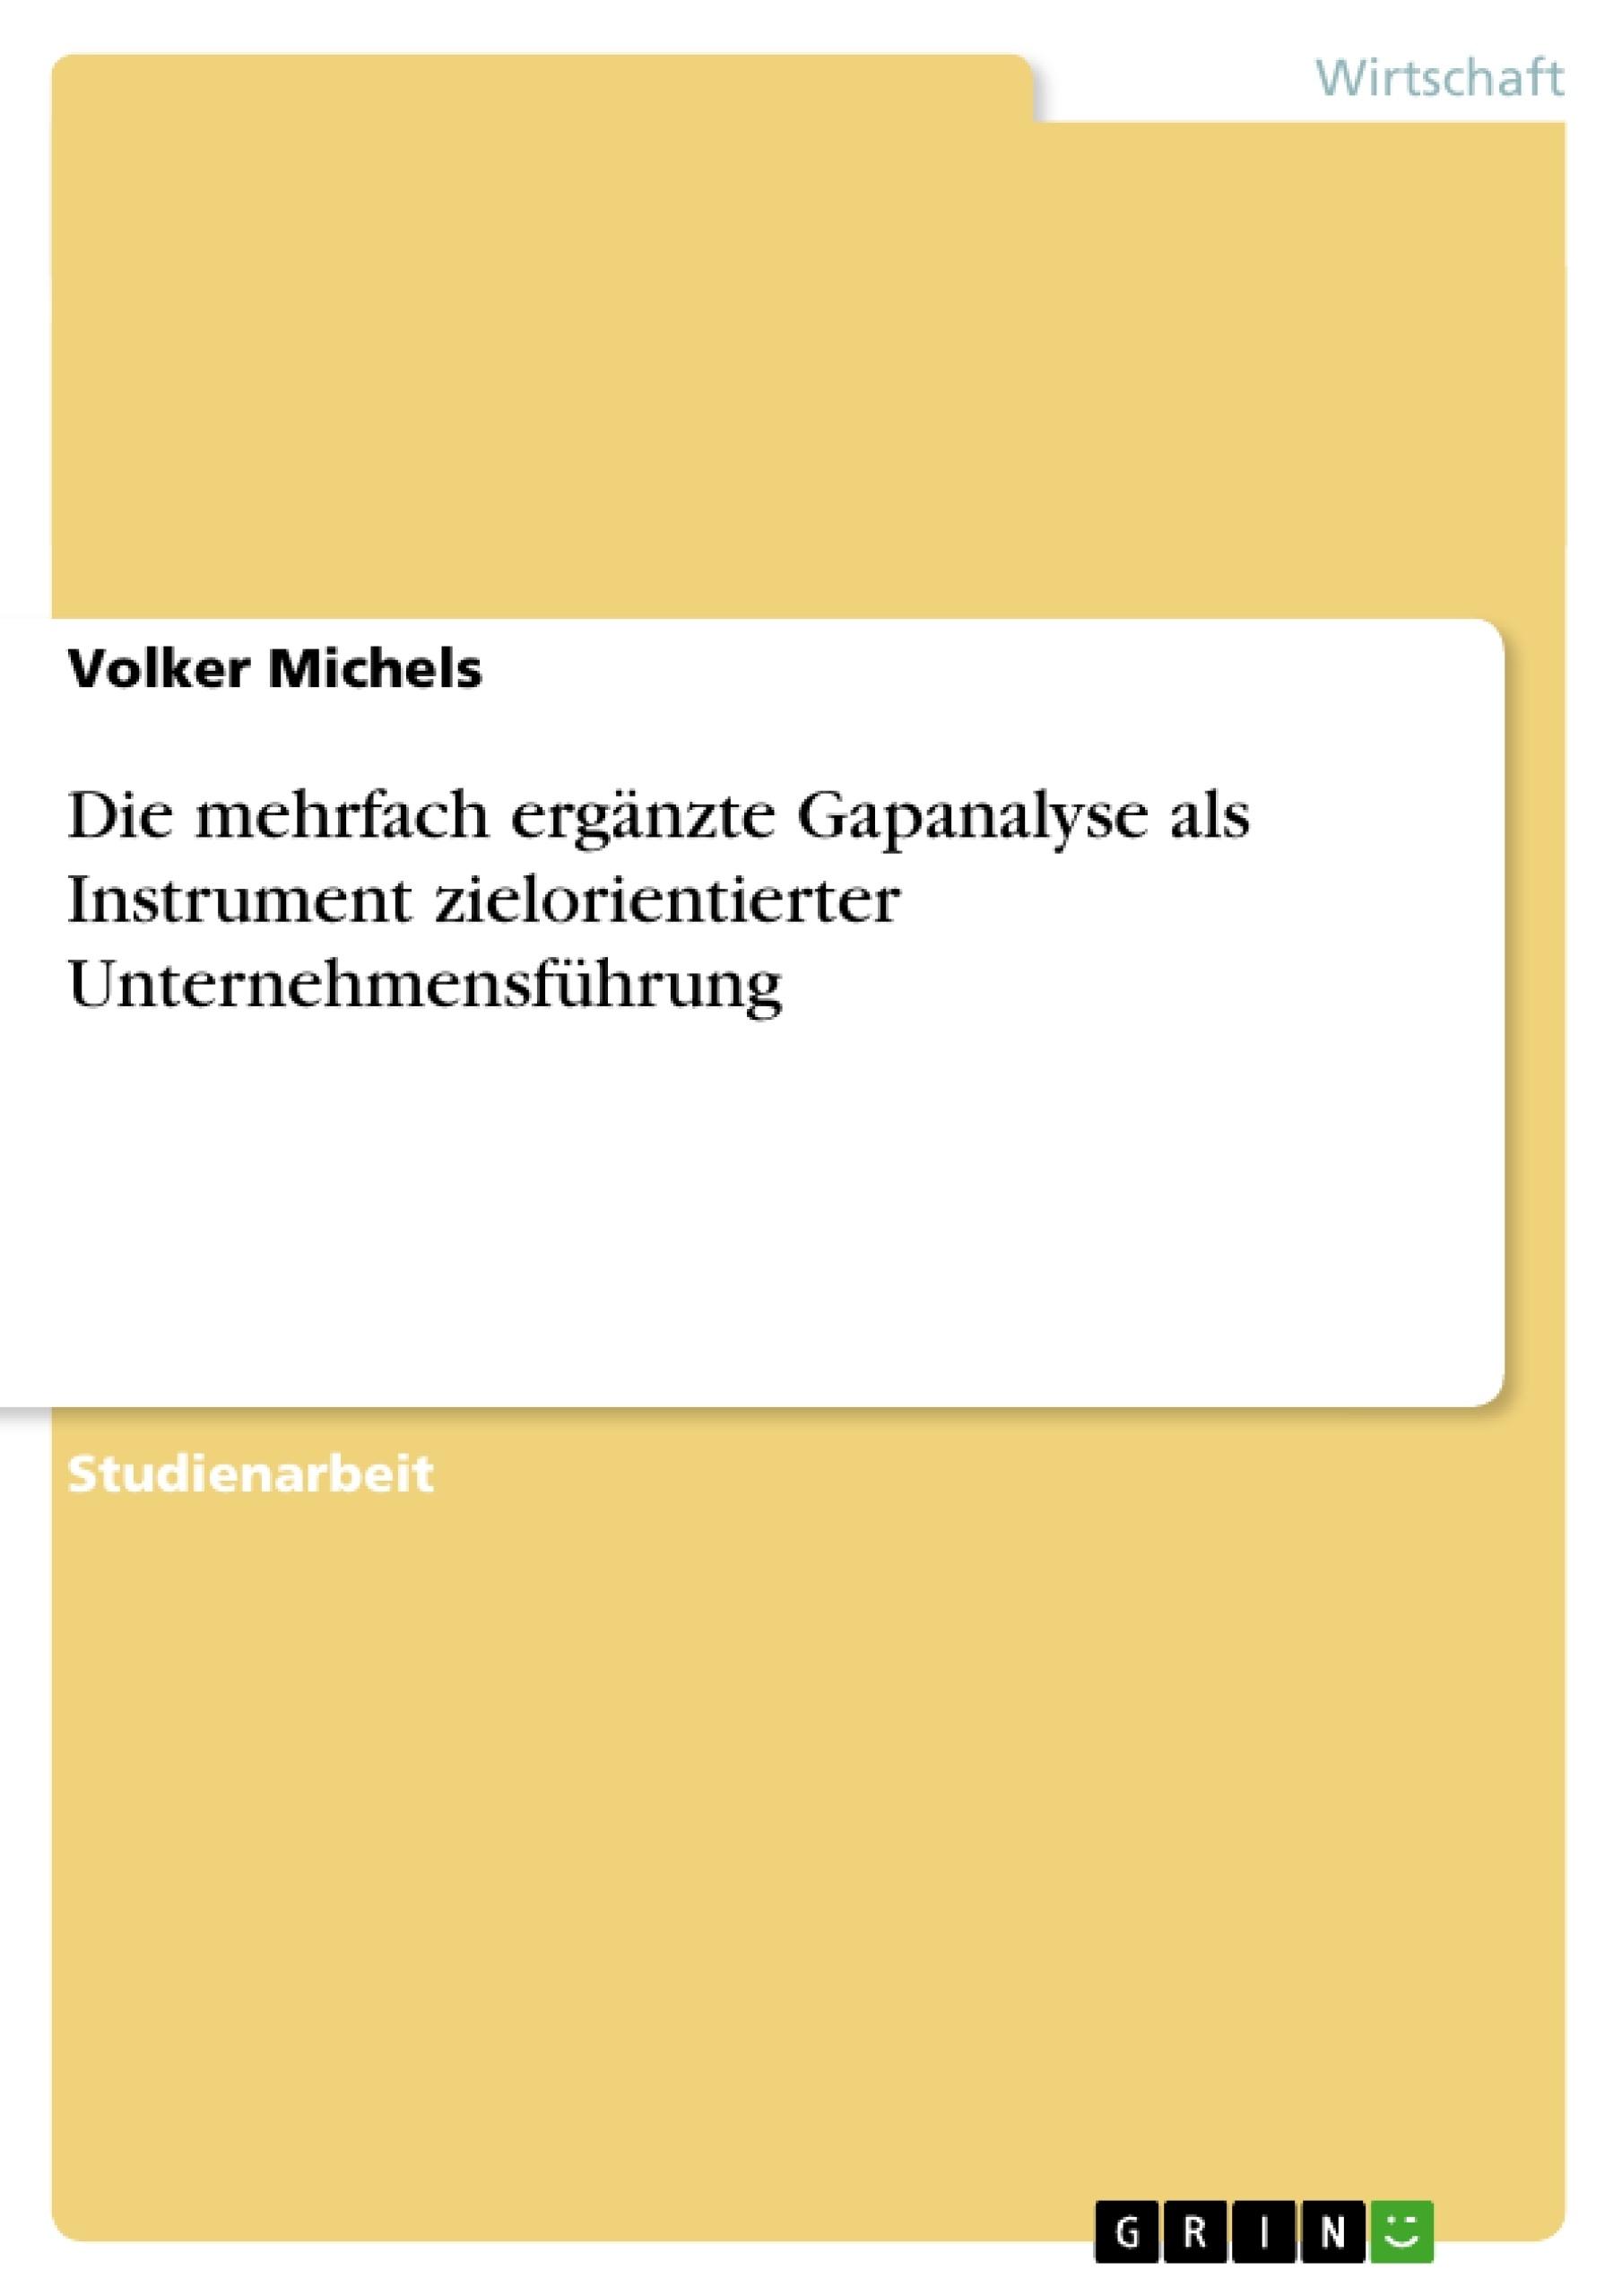 Titel: Die mehrfach ergänzte Gapanalyse als Instrument zielorientierter Unternehmensführung